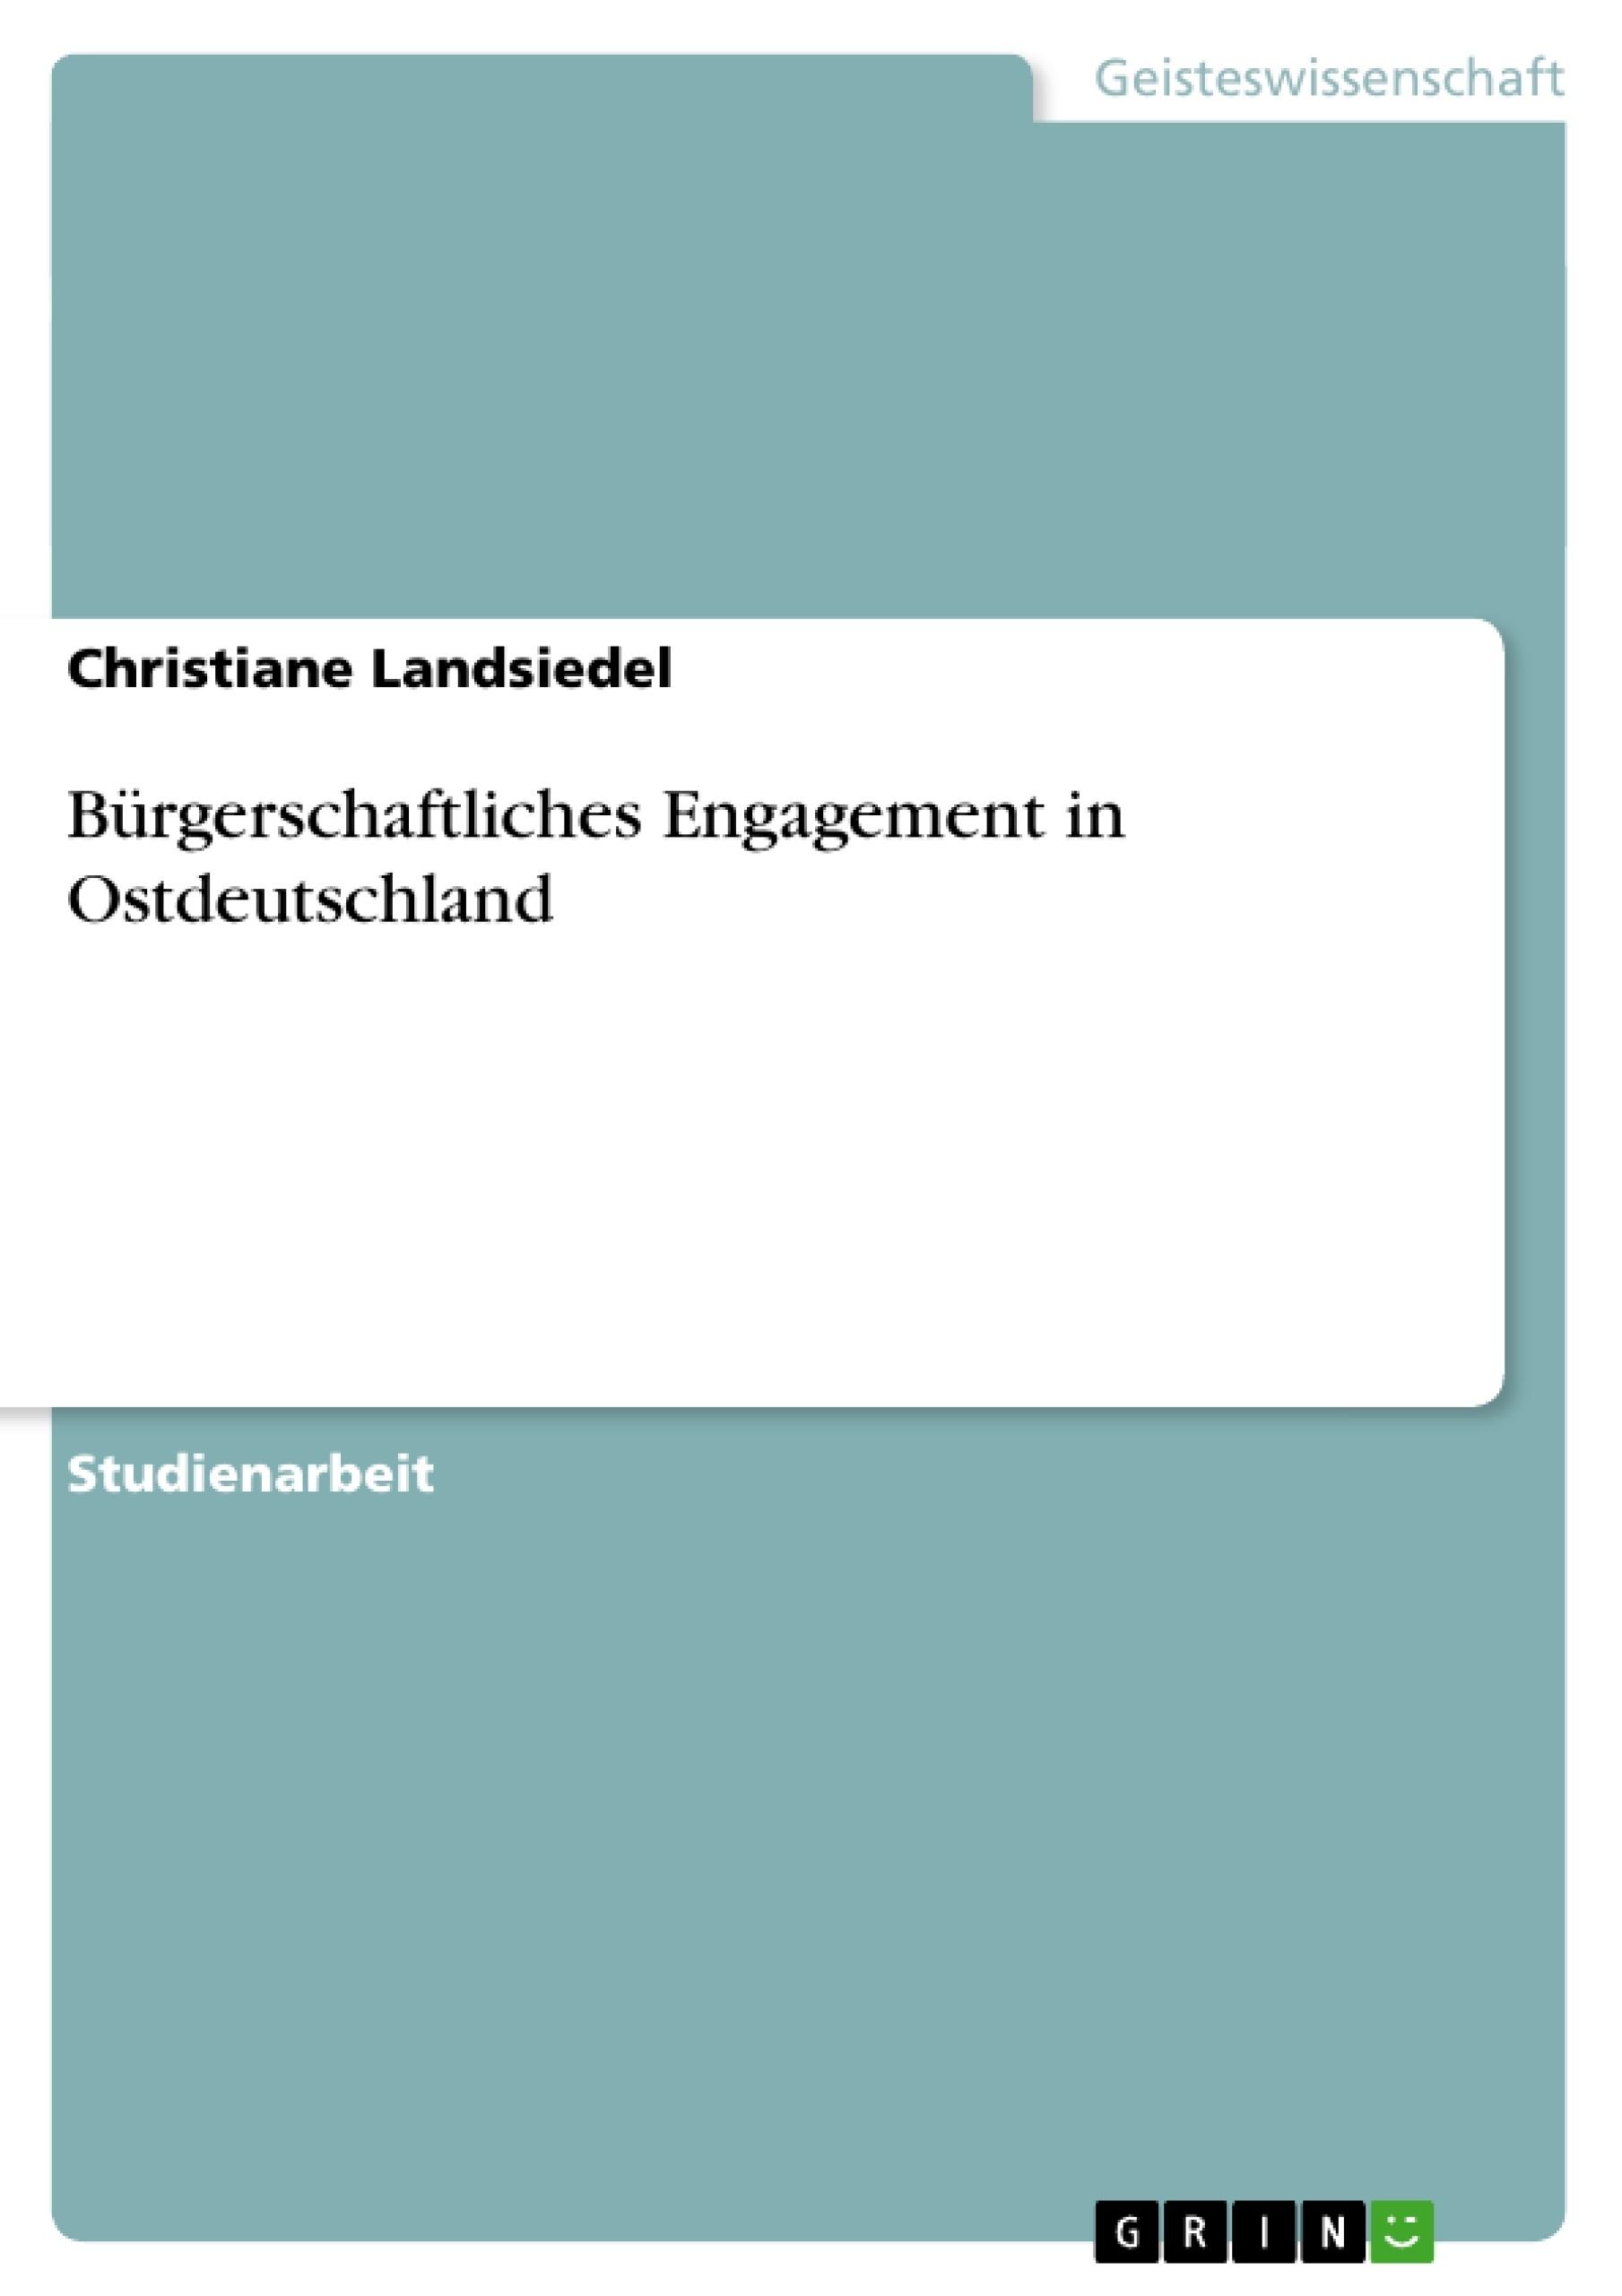 Titel: Bürgerschaftliches Engagement in Ostdeutschland